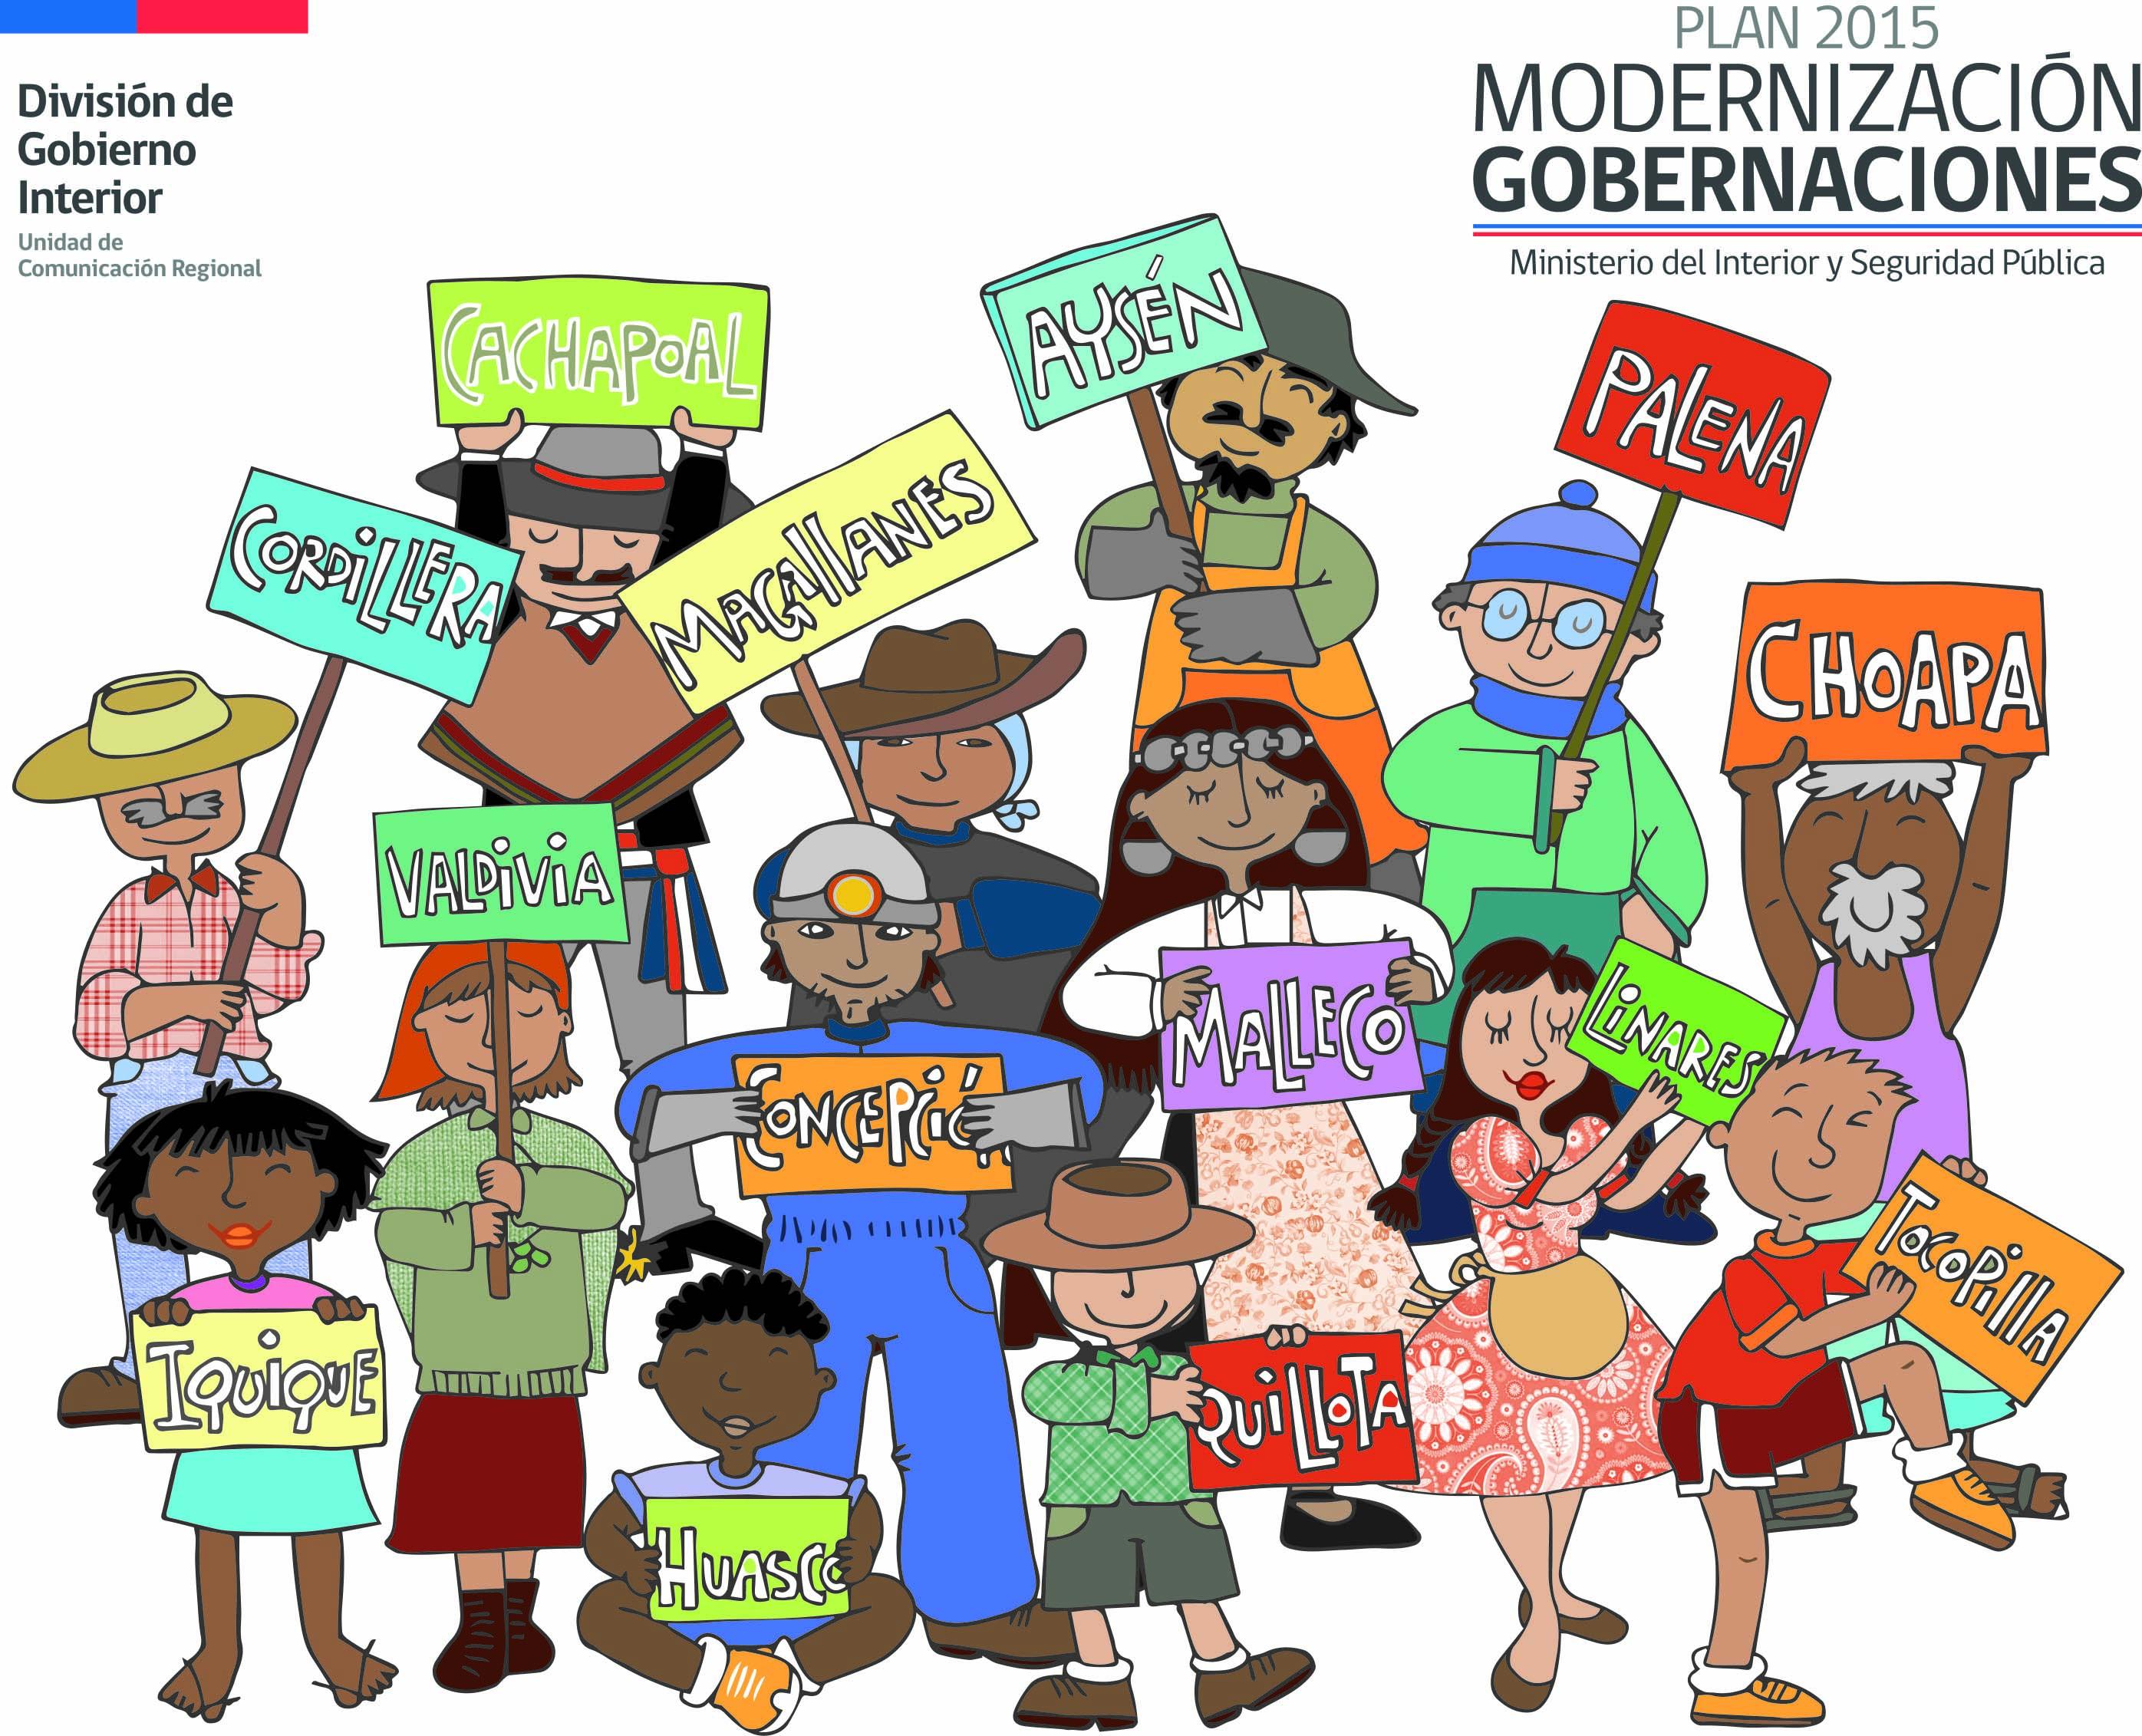 Plan de Modernización 2015: Contribuir a la disminución de la inequidad territorial y acortar la brecha social